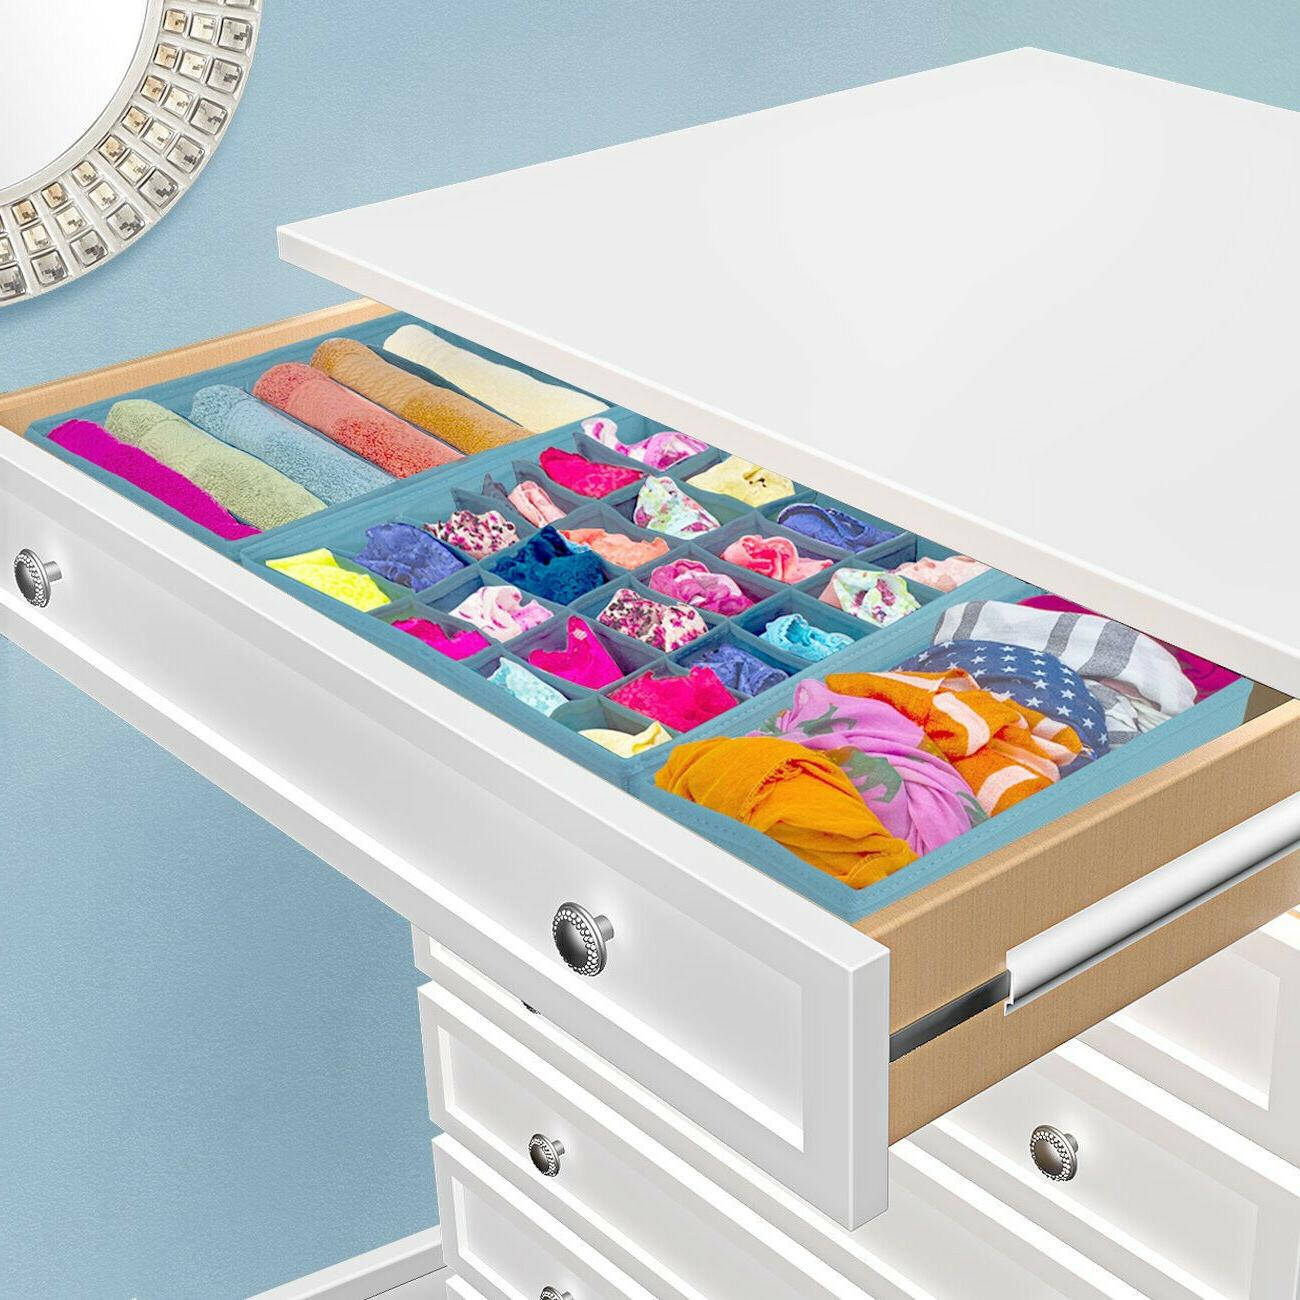 Drawer Storage Closet Clothes Organizer Bin 4-Piece